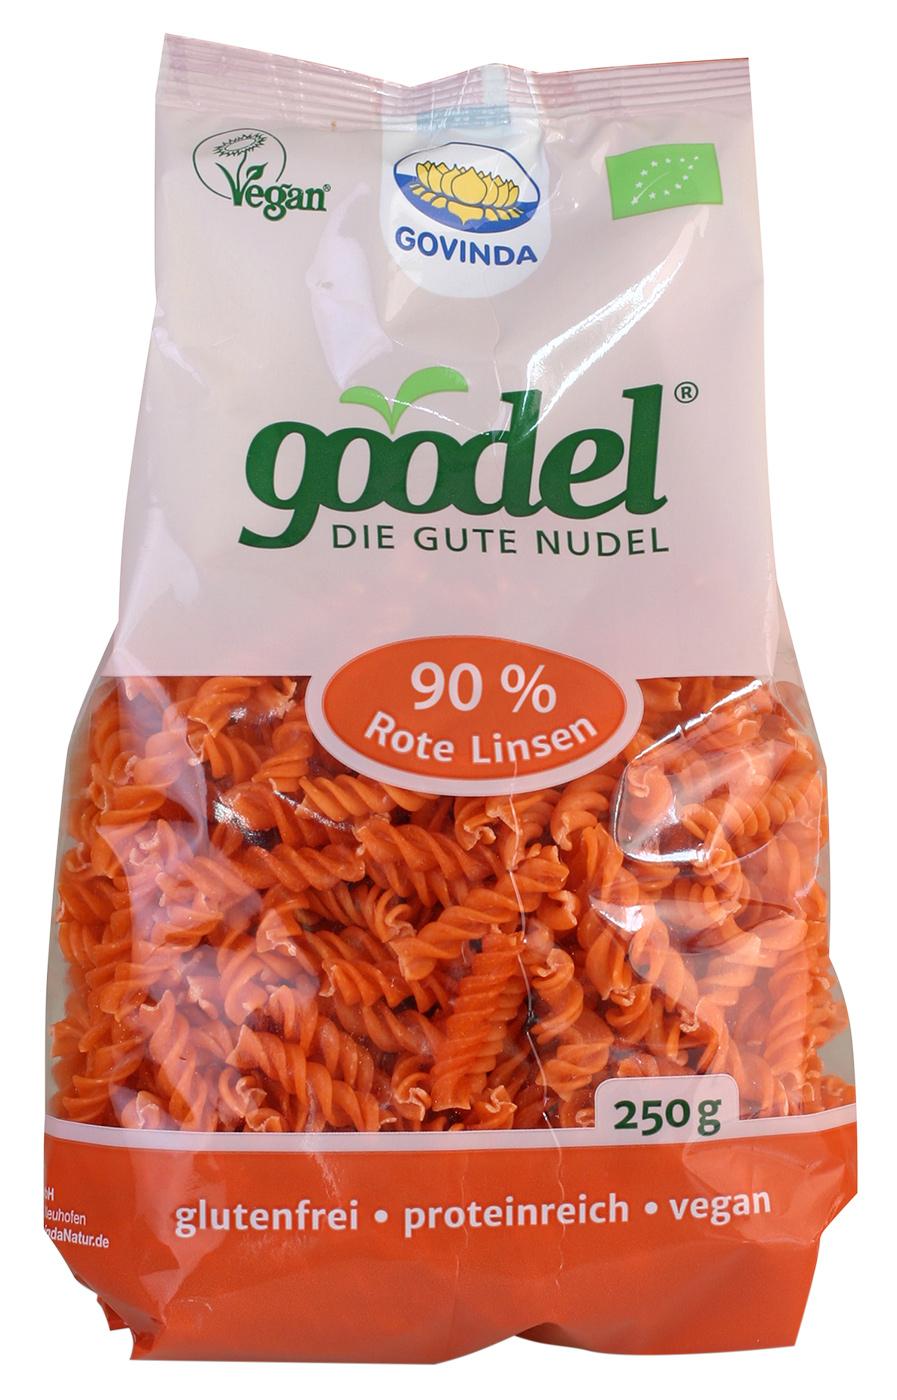 Bio Goodel - Die gute Nudel Rote Linsen, 250 g